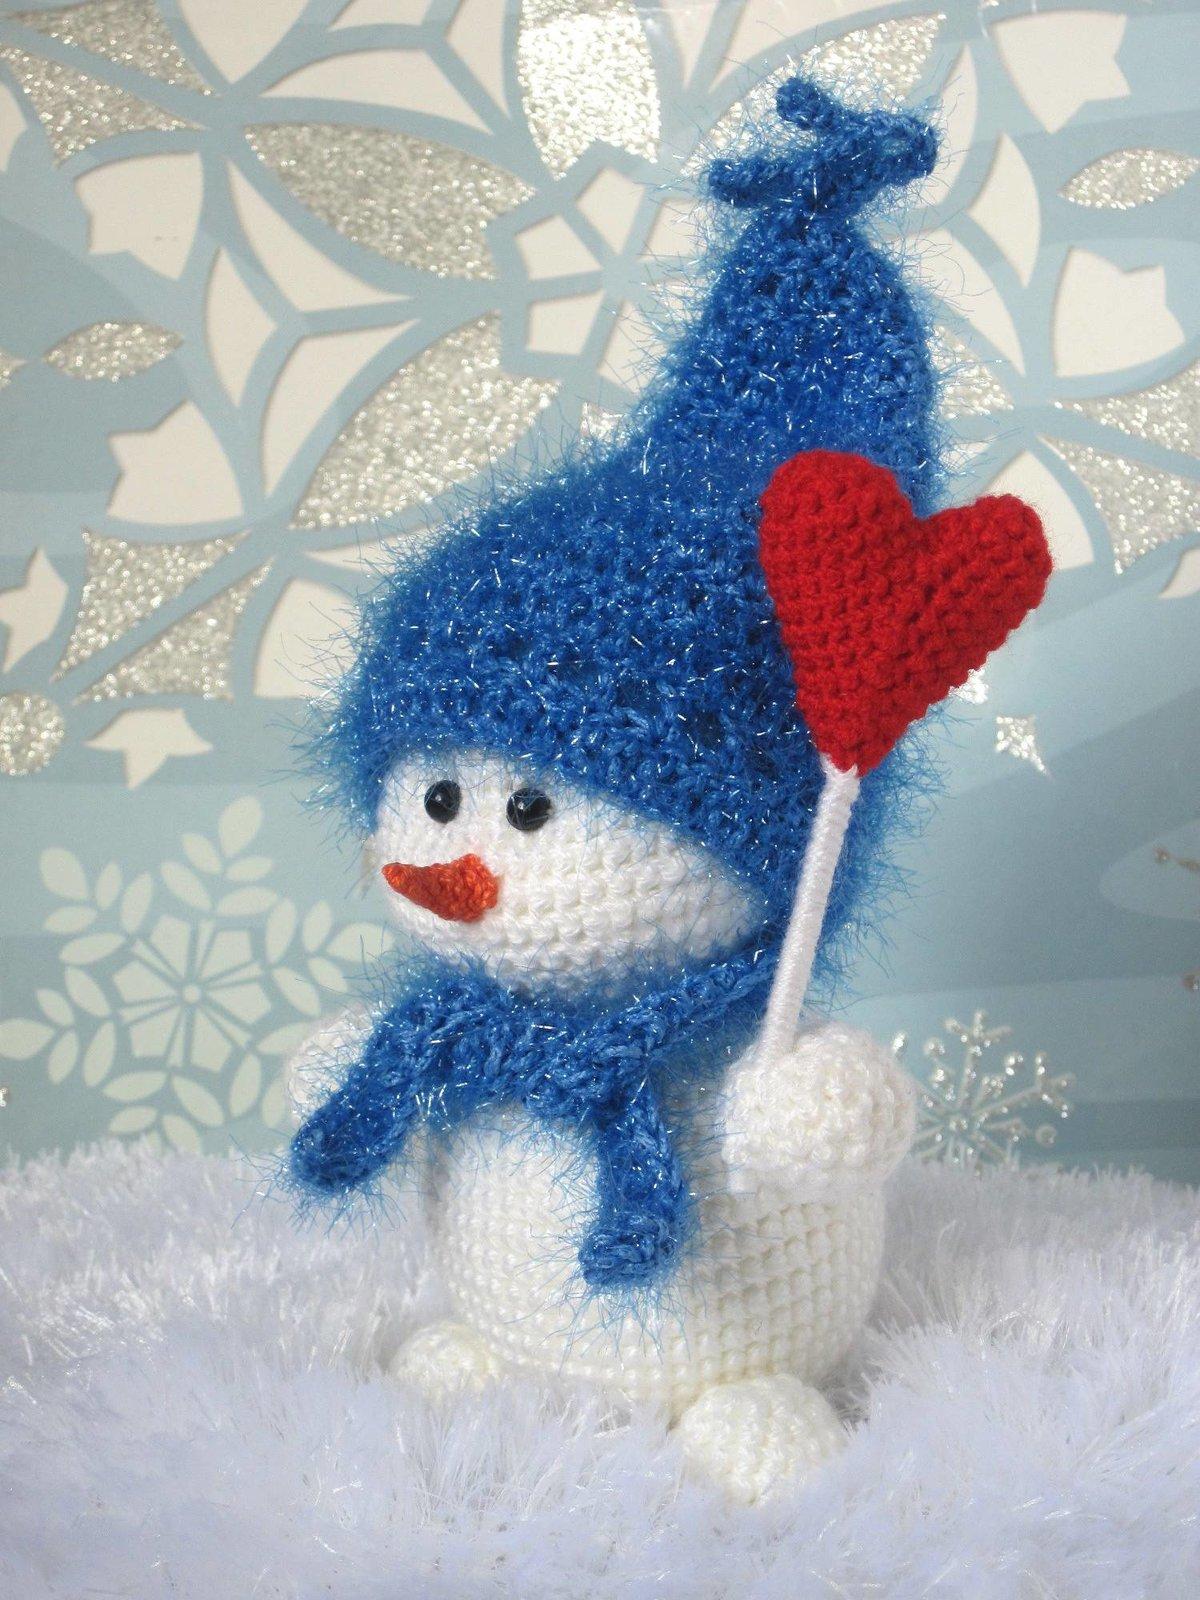 как раньше поделки на новый год снеговики фото самостоятельное изготовление